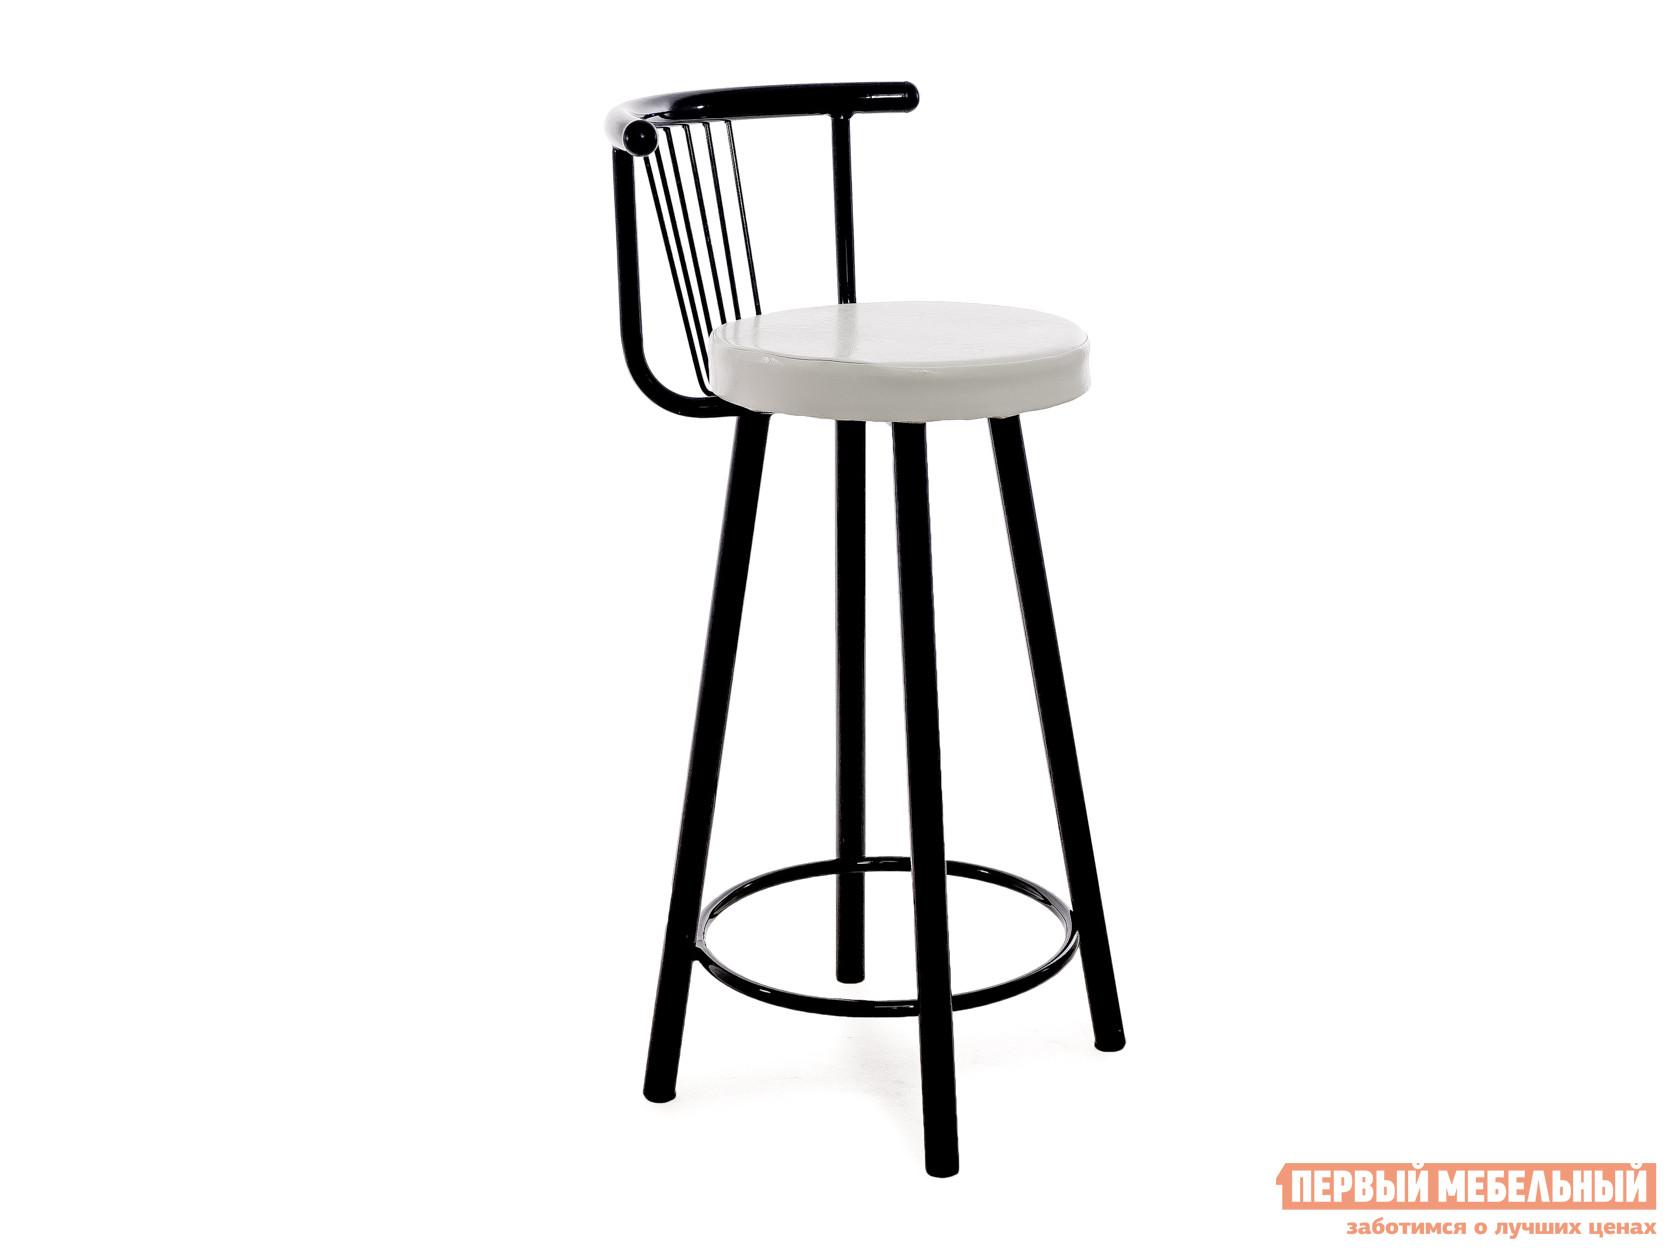 Барный стул Амис Барный Стиль Белый от Купистол